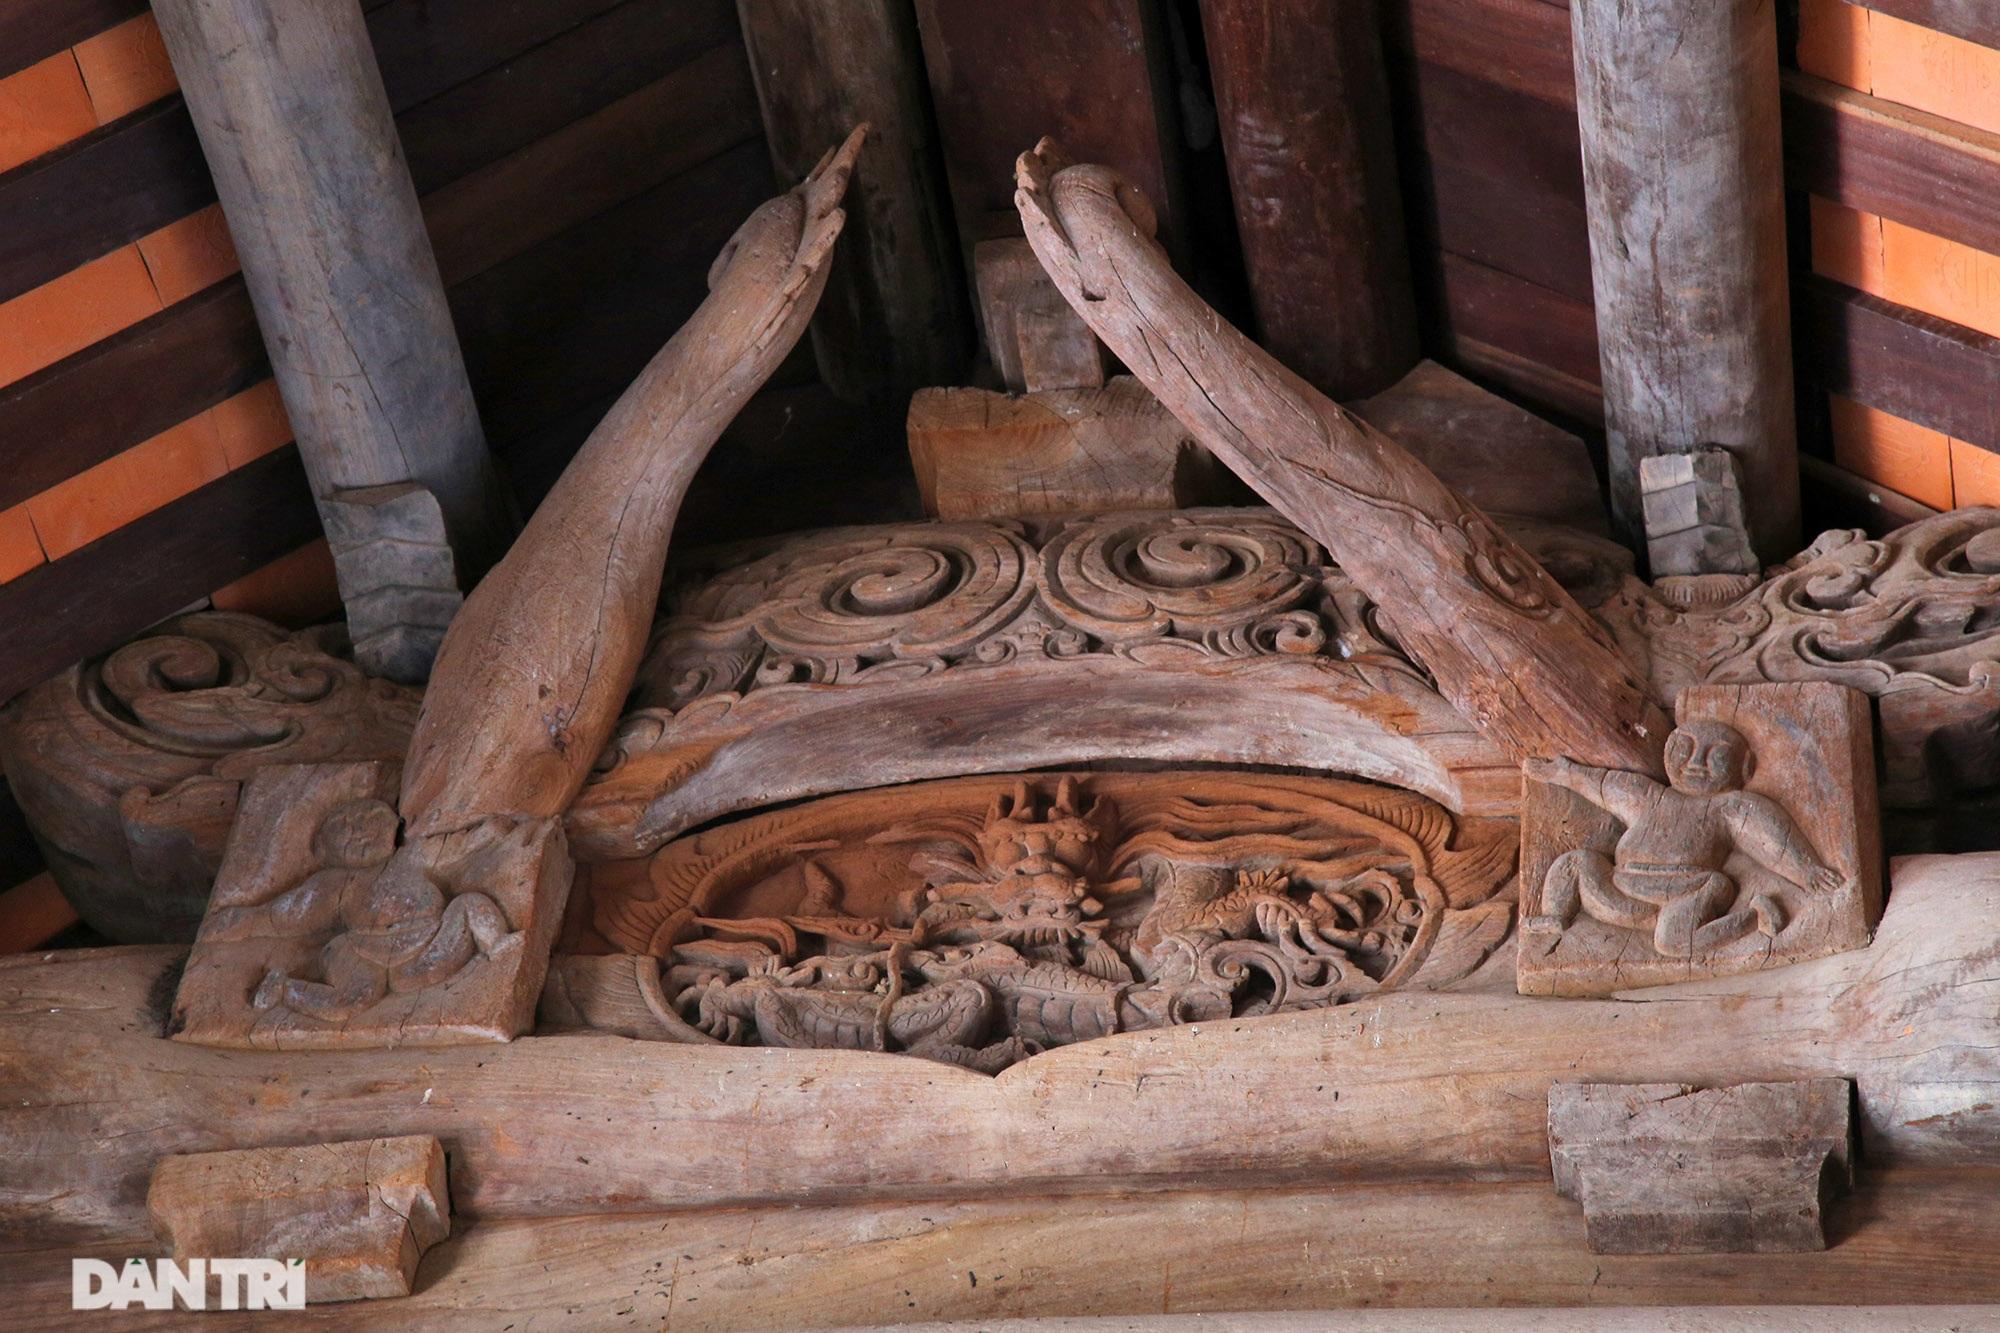 Chiêm ngưỡng tuyệt tác chạm khắc hơn 400 năm tuổi tại Hà Nội - 5